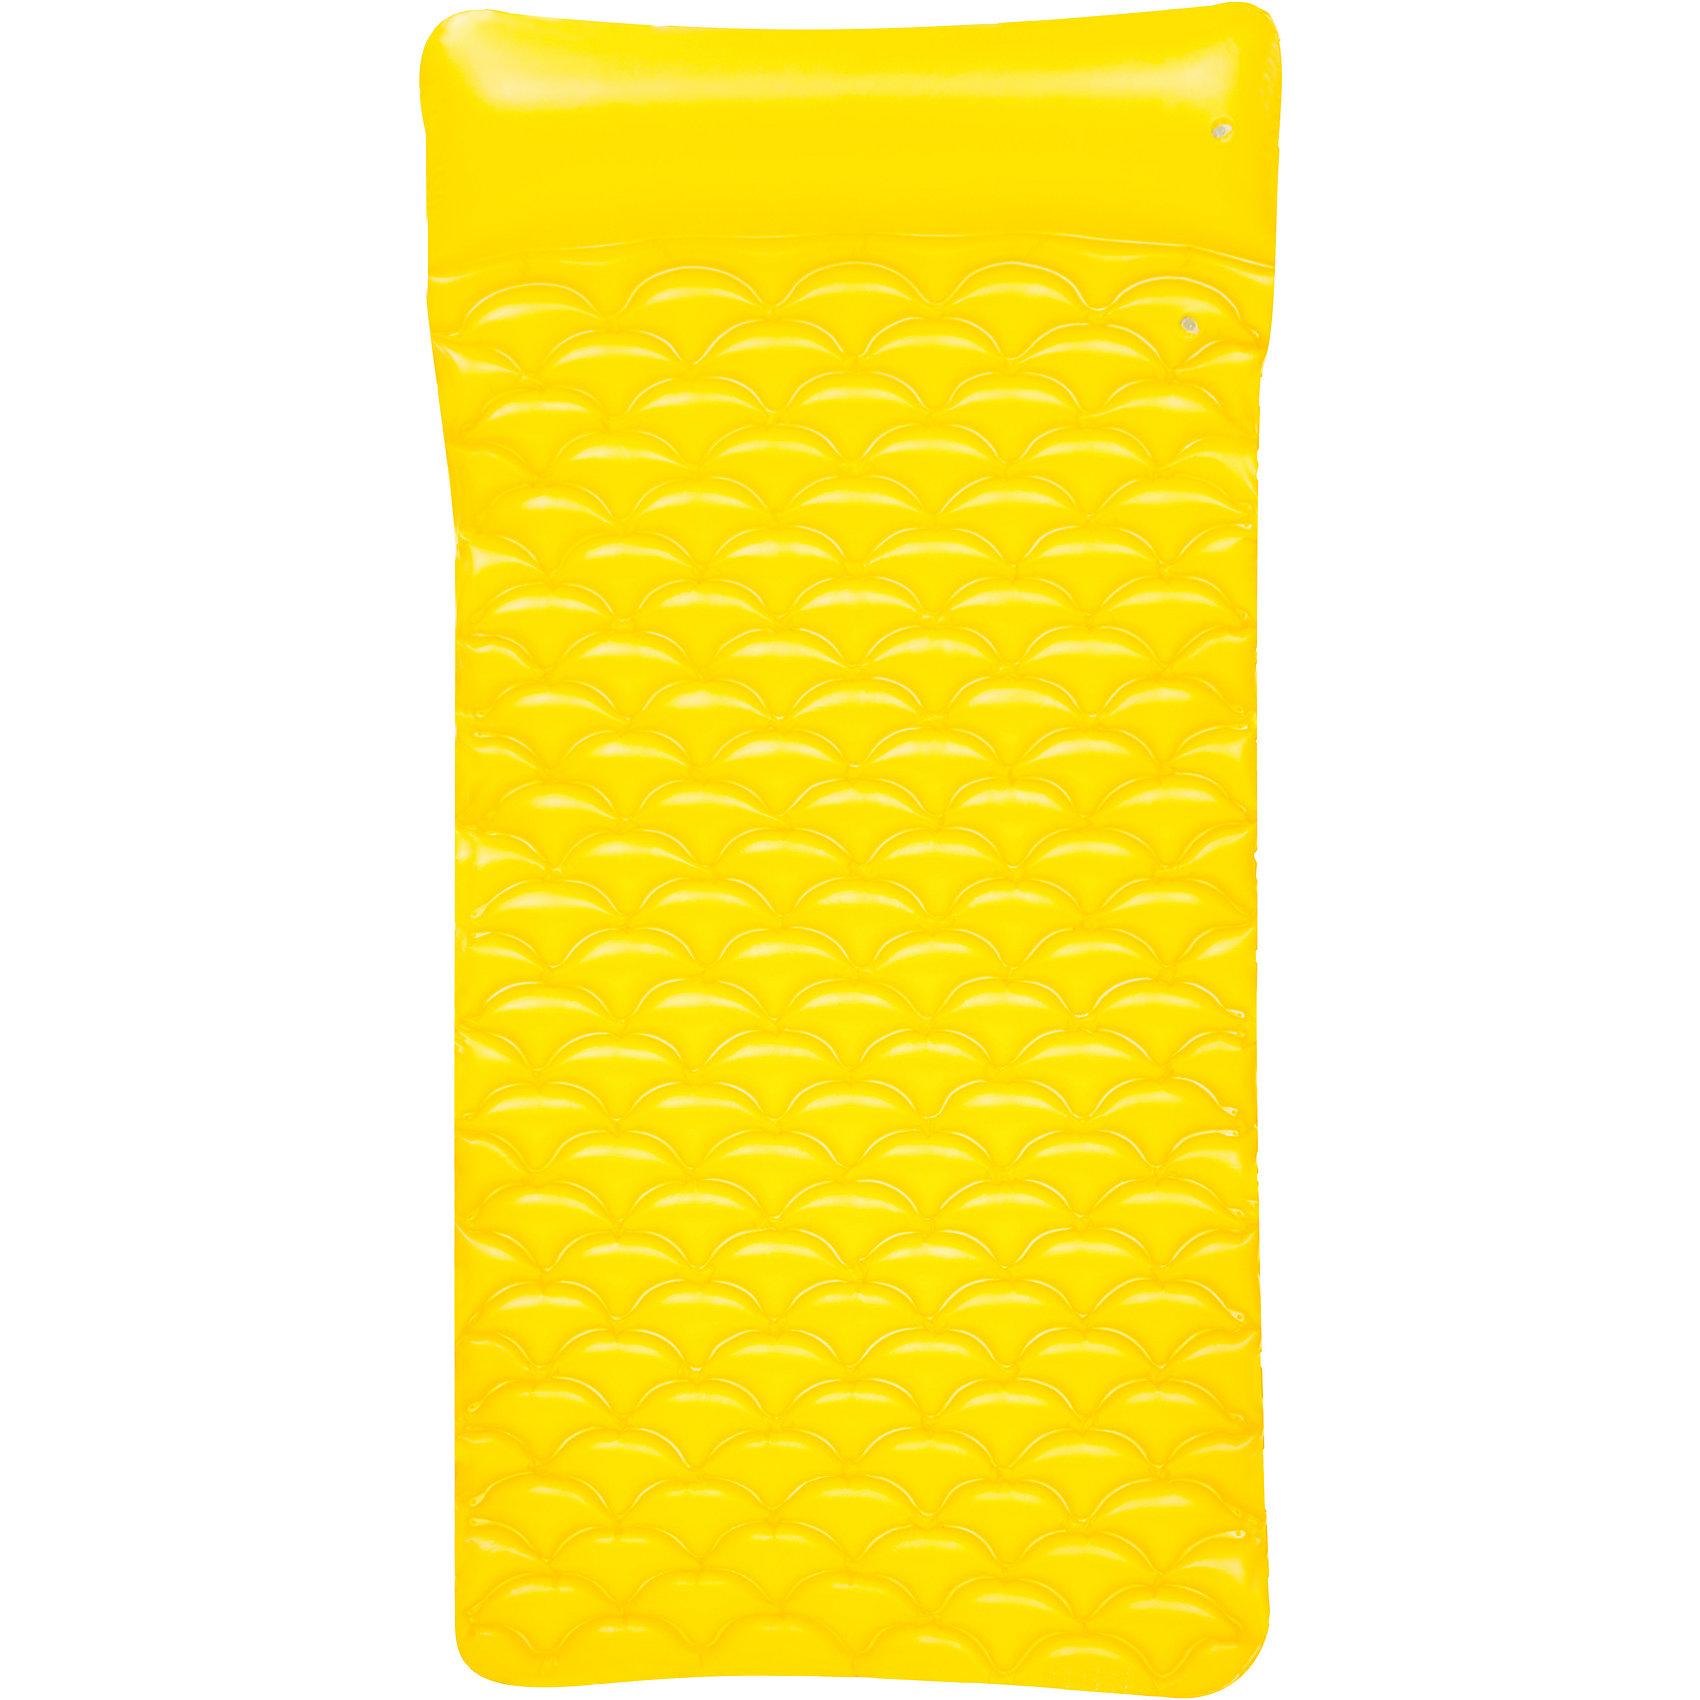 Матрас для плавания гибкий, 213х86 см, желтый, BestwayМатрас для плавания гибкий, 213х86 см, желтый, Bestway (Бествей)<br><br>Характеристики:<br><br>• яркий дизайн<br>• объемный подголовник<br>• максимальная нагрузка - 90 кг<br>• размер матраса: 213х86х15 см<br>• цвет: желтый<br>• материал: ПВХ<br>• вес: 1 кг<br><br>На ярком удобном матрасе вы всегда сможете отдохнуть с комфортом на суше или на воде. Матрас имеет очень привлекательный дизайн, оснащен удобным подголовником. Матрас выдерживает нагрузку до 90 килограммов. Размер матраса - 213х86 сантиметров.<br><br>Матрас для плавания гибкий, 213х86 см, желтый, Bestway (Бествей) можно купить в нашем интернет-магазине.<br><br>Ширина мм: 570<br>Глубина мм: 200<br>Высота мм: 270<br>Вес г: 999<br>Возраст от месяцев: 36<br>Возраст до месяцев: 2147483647<br>Пол: Унисекс<br>Возраст: Детский<br>SKU: 5486892